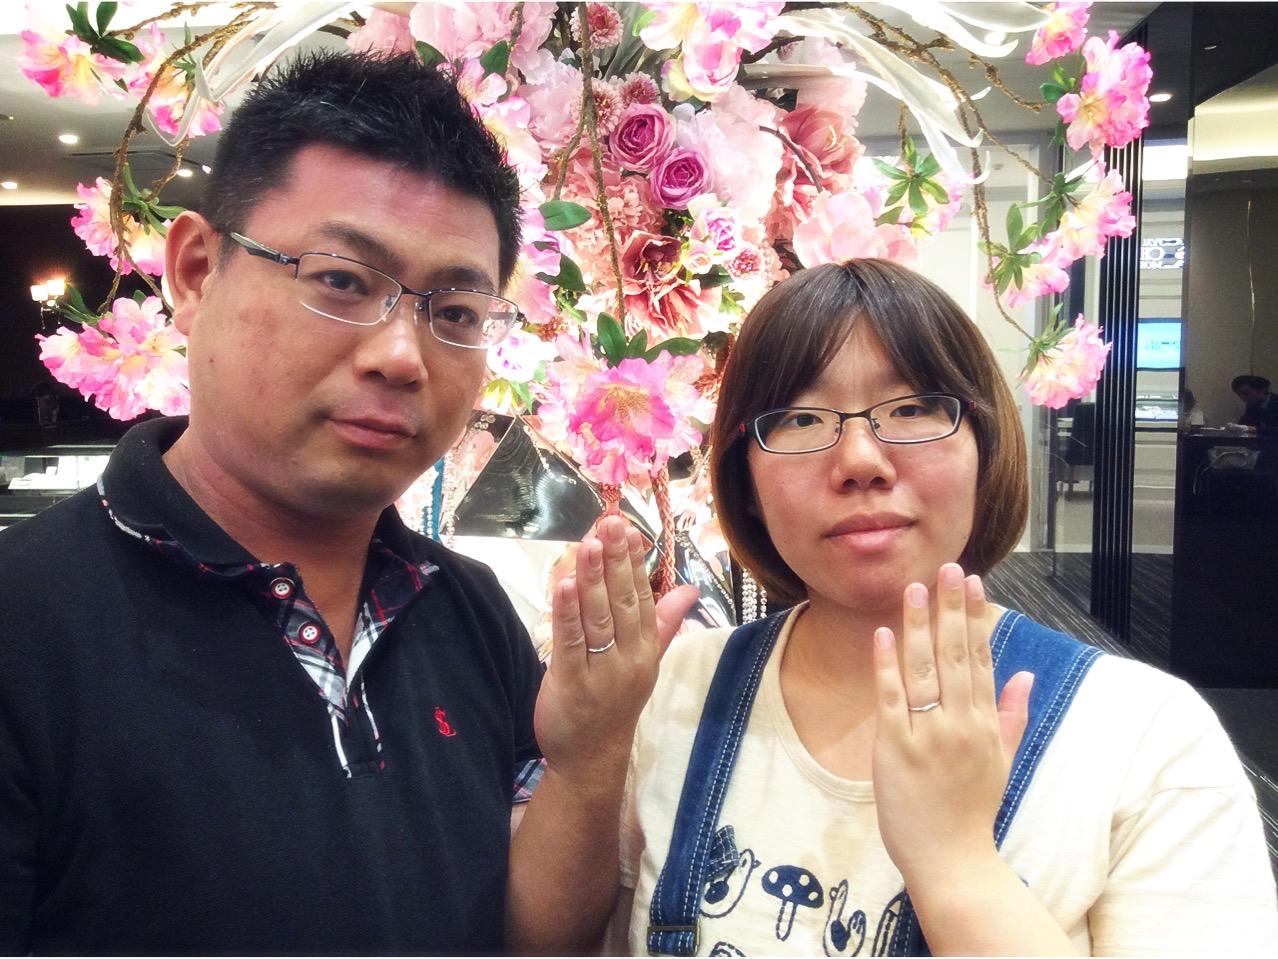 指につけたフィット感が抜群!俄の結婚指輪『ことのは』(新潟市/T様ご夫婦様)